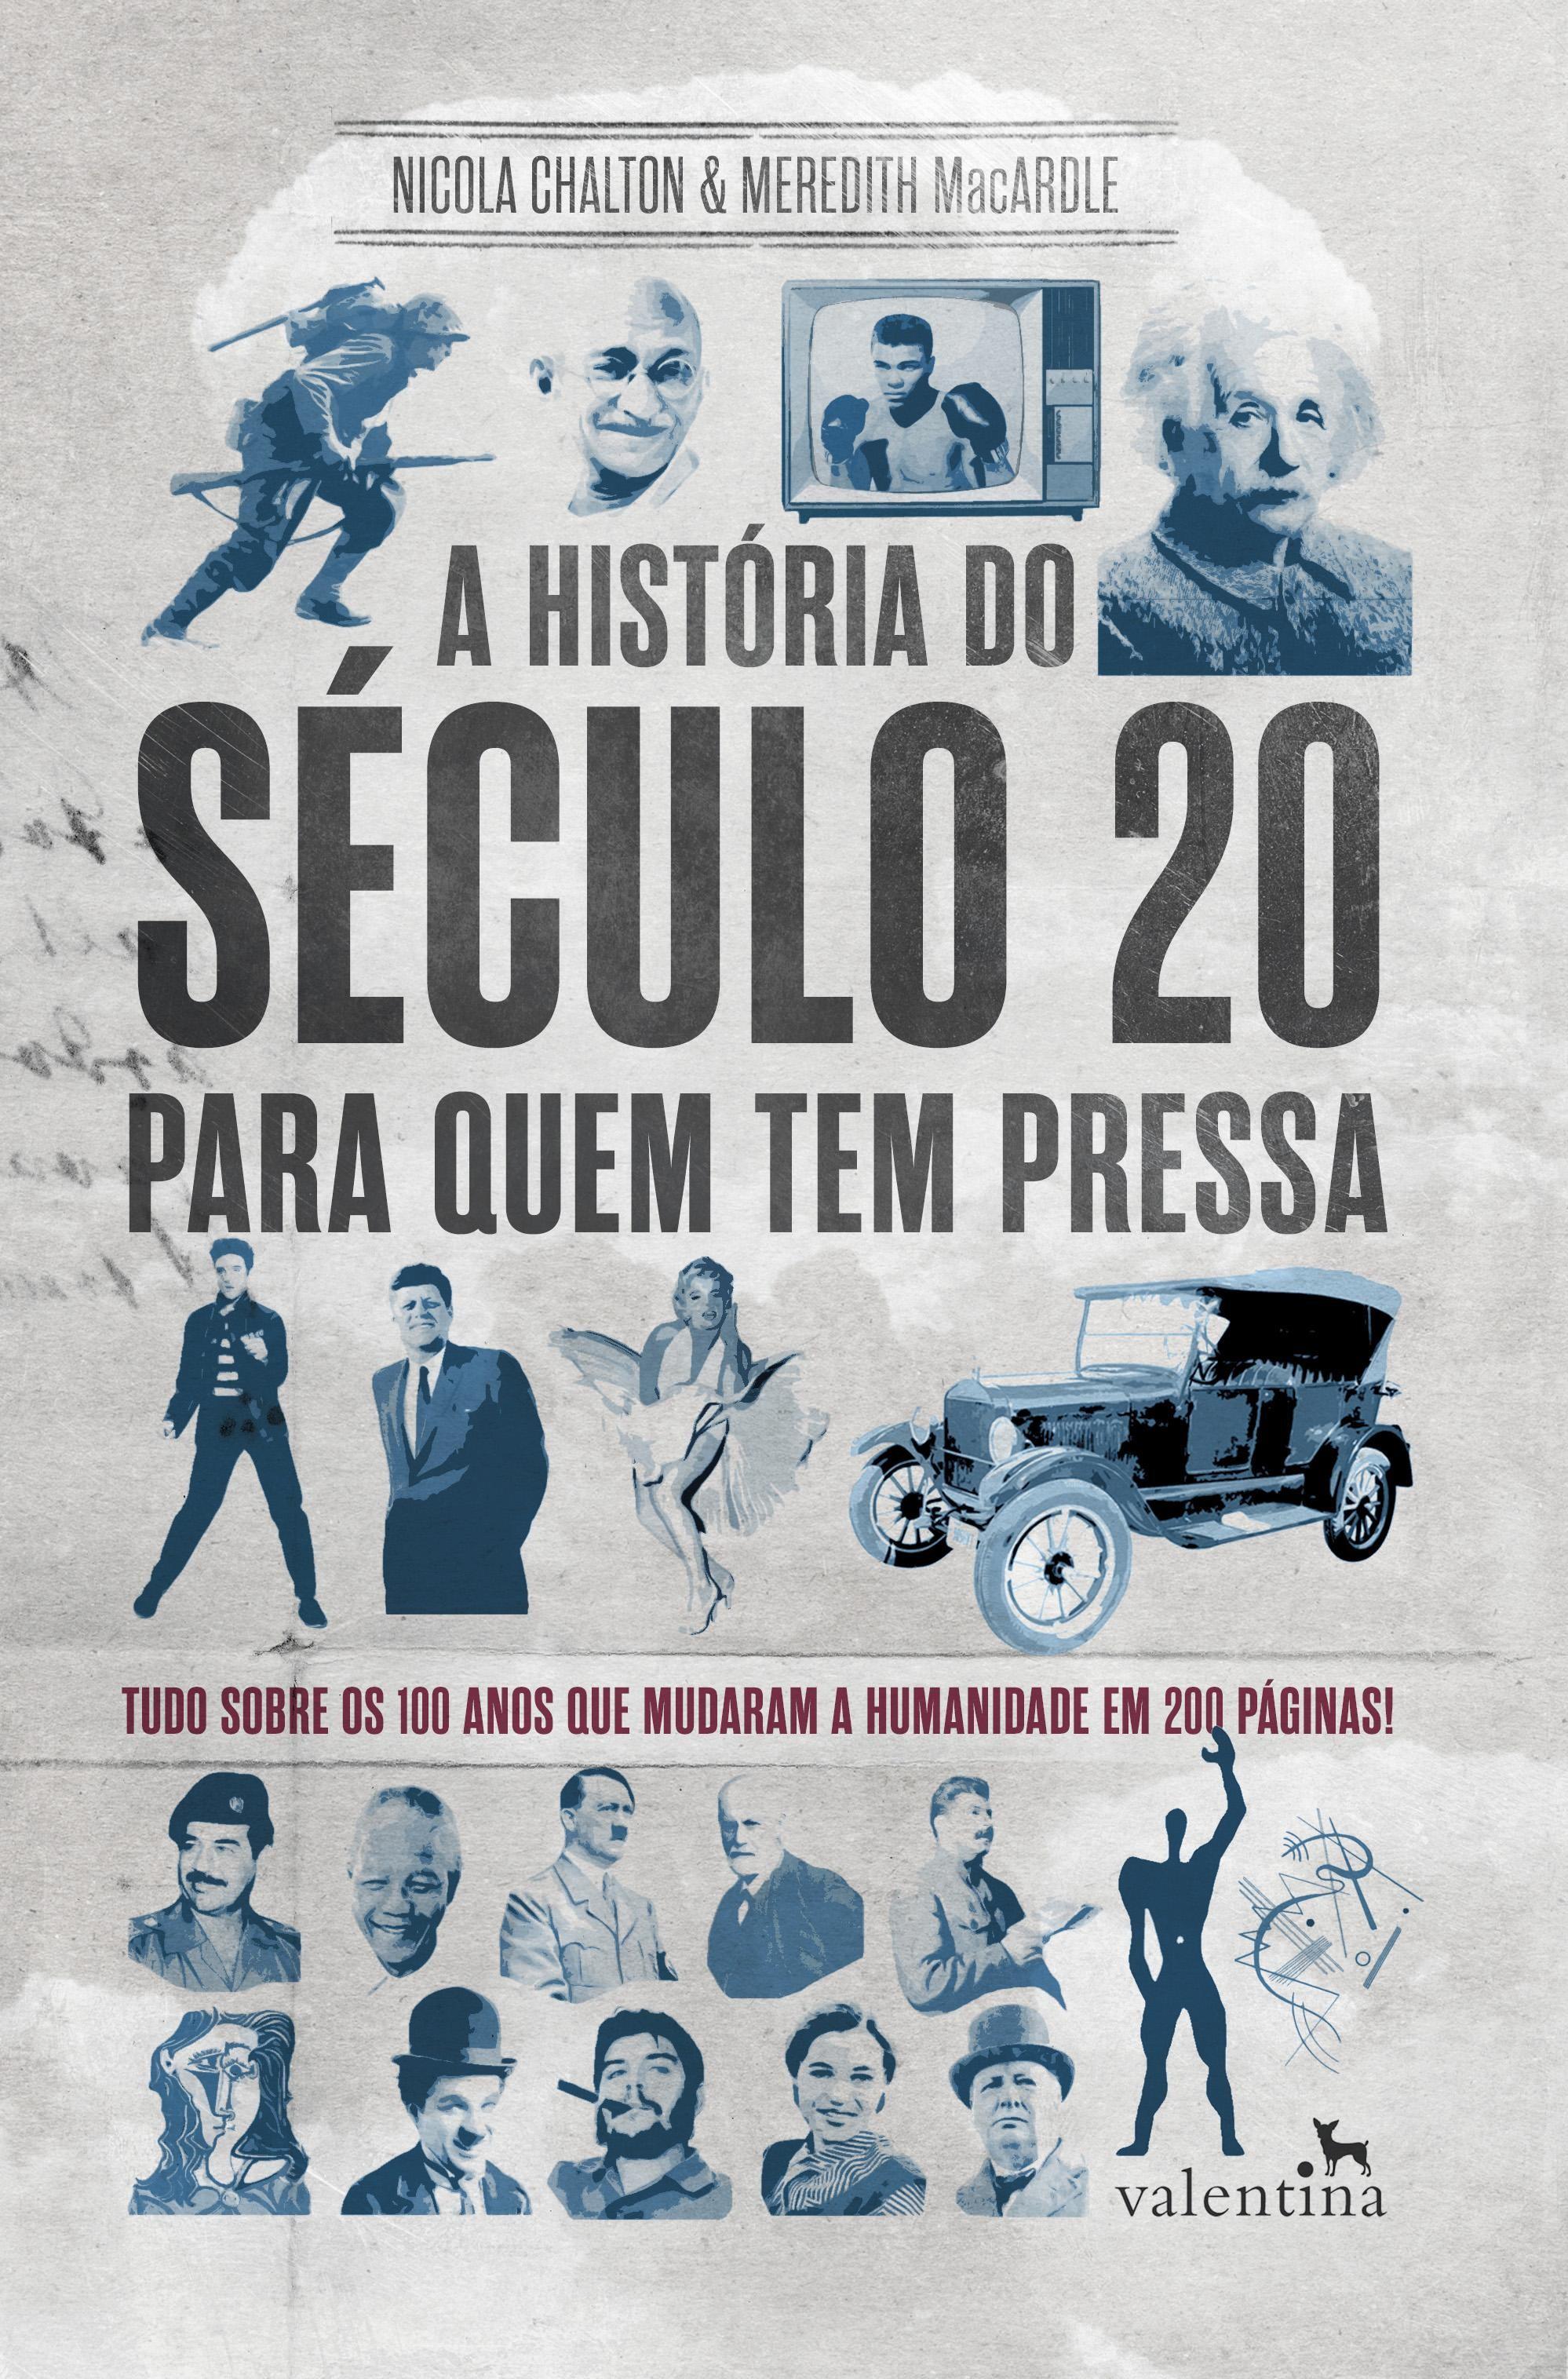 A História do Século 20 para quem Tem Pressa (Foto: Divulgação)